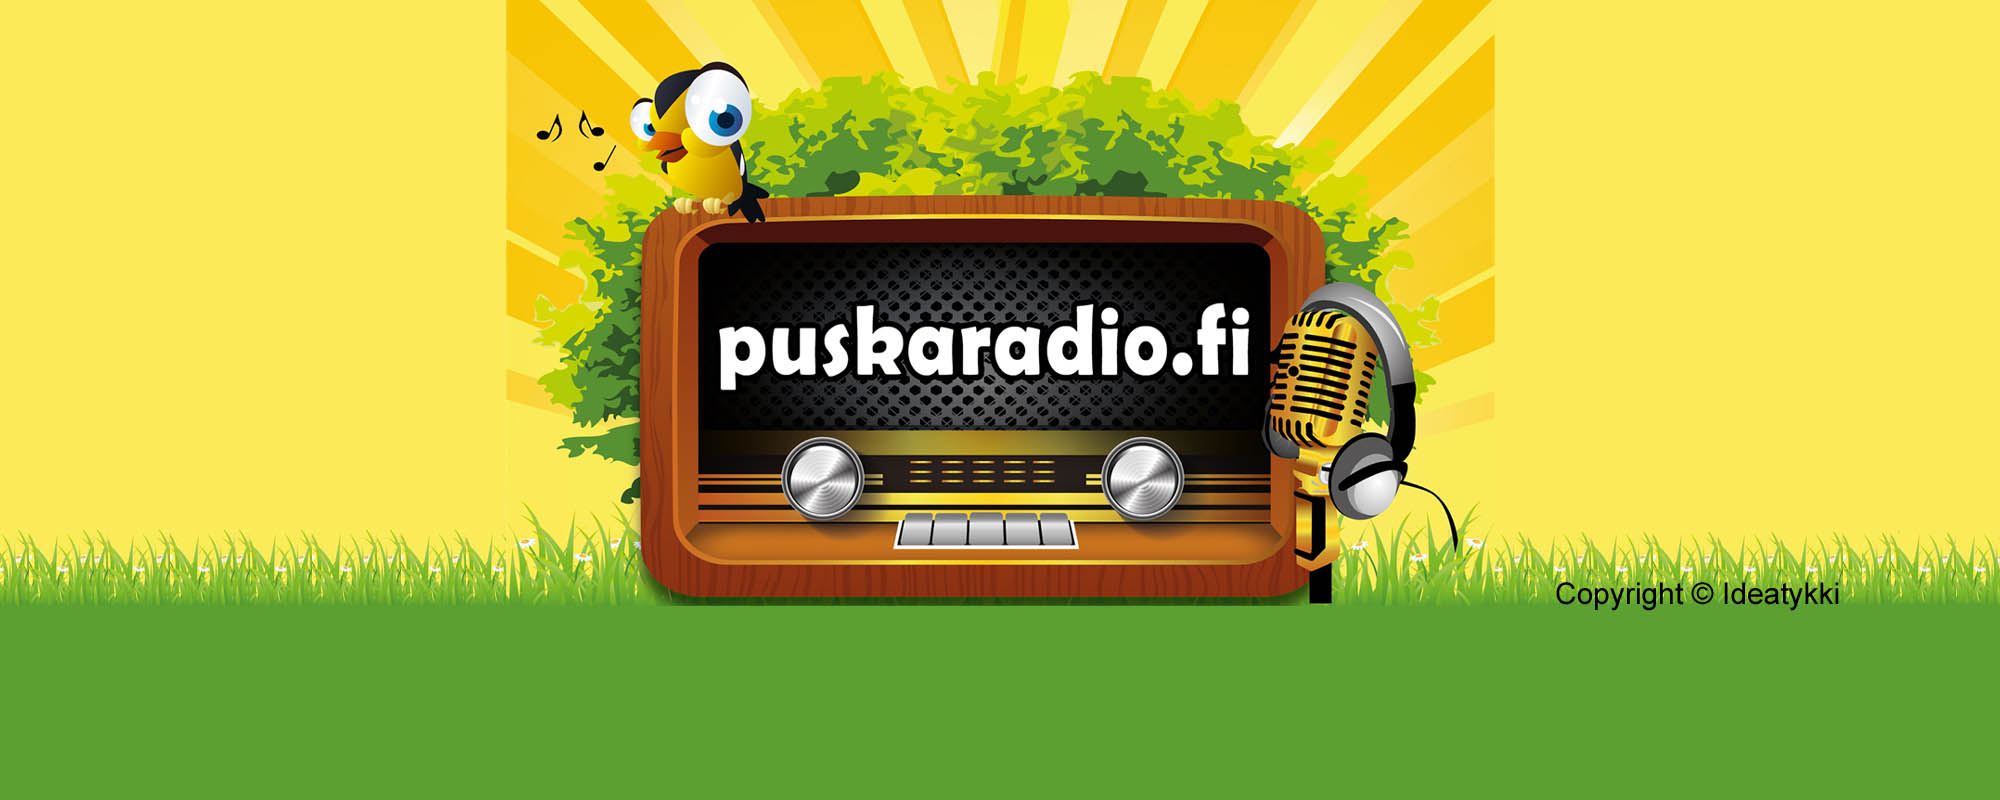 Puskaradio.fi